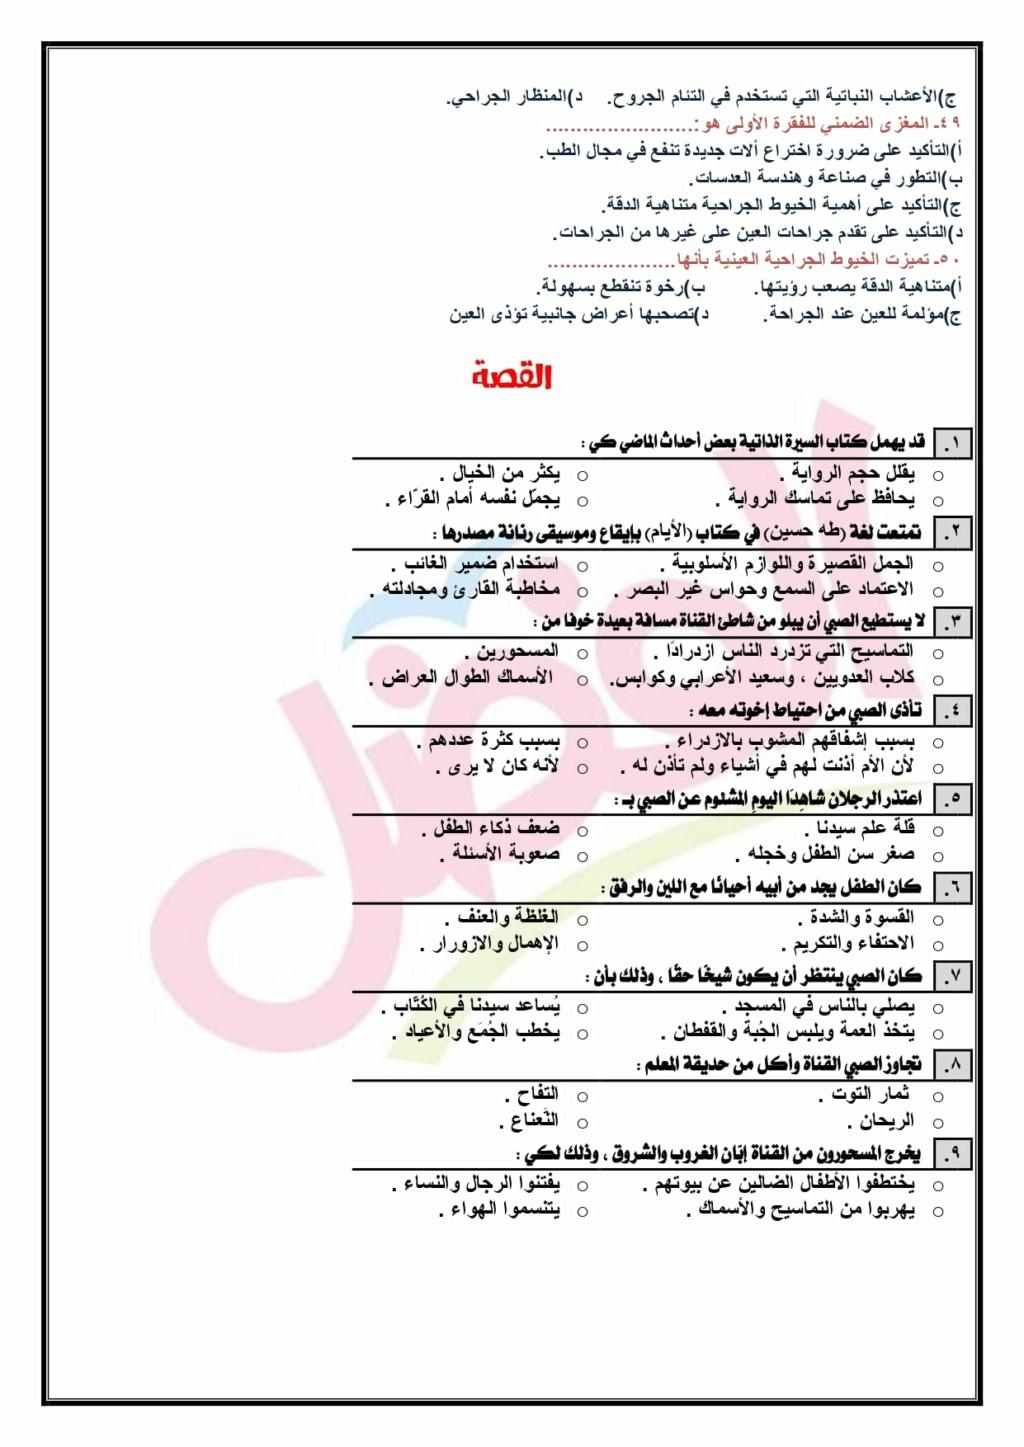 امتحان لغة عربية تدريبي للصف الثالث الثانوي 2021 أ/ محمد رفعت فضل 31438